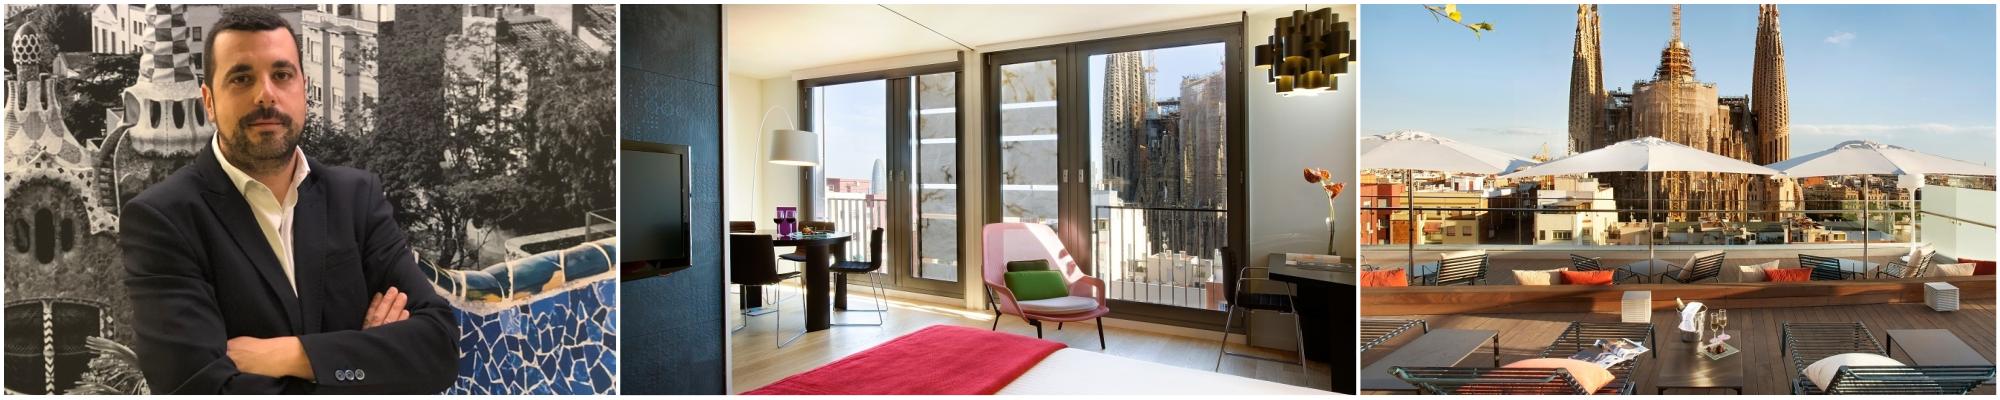 κολάζ:alfonso, δωμάτιο της AYRE στη Βαρκελώνη, θέα της σαγράδα φαμίλια